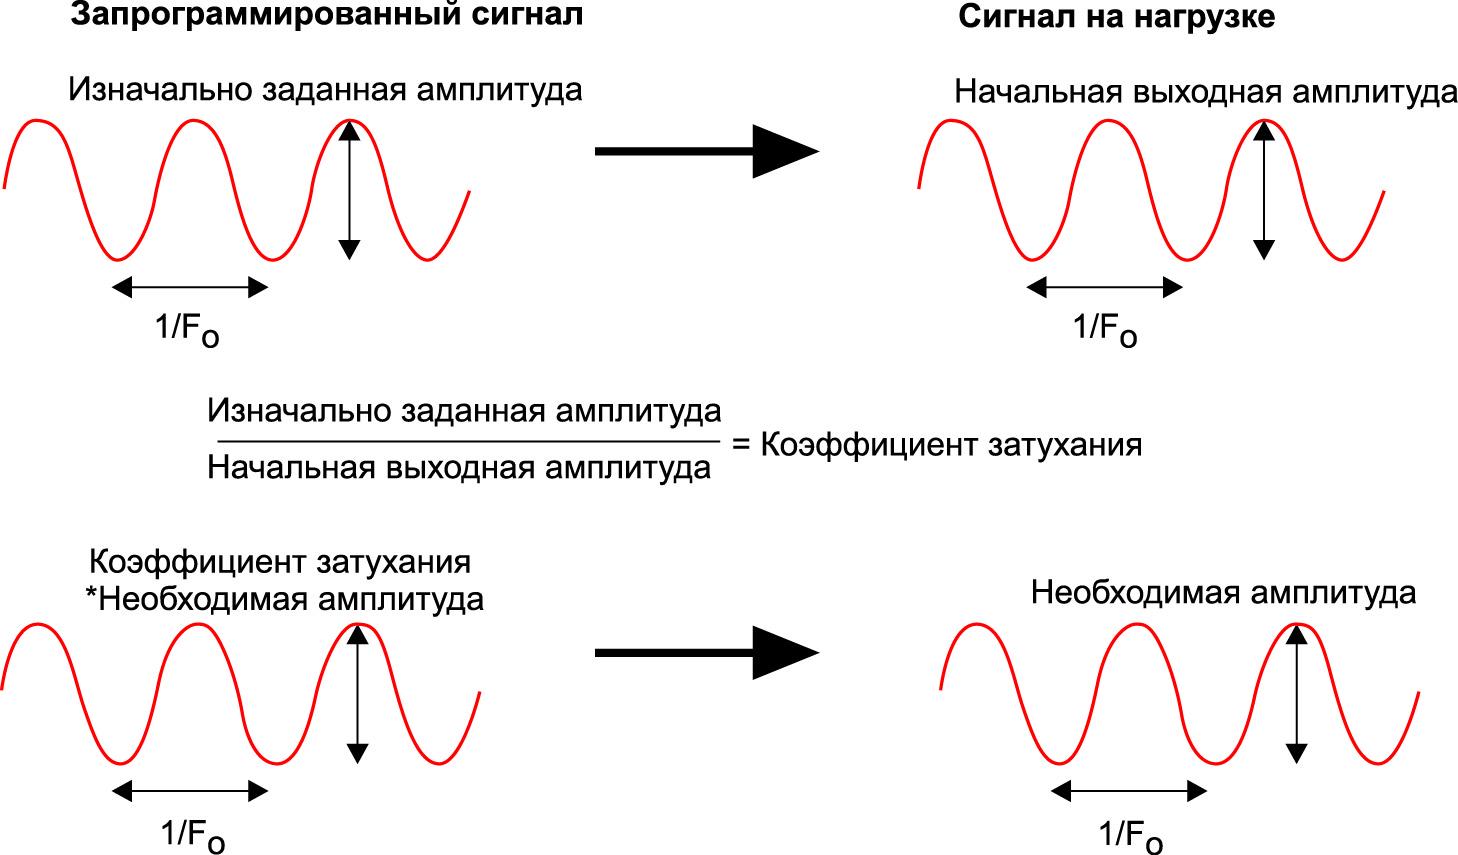 Измерение затухания синусоидального сигнала частотой Fo и компенсация амплитуды программируемого сигнала для получения необходимой амплитуды на нагрузке